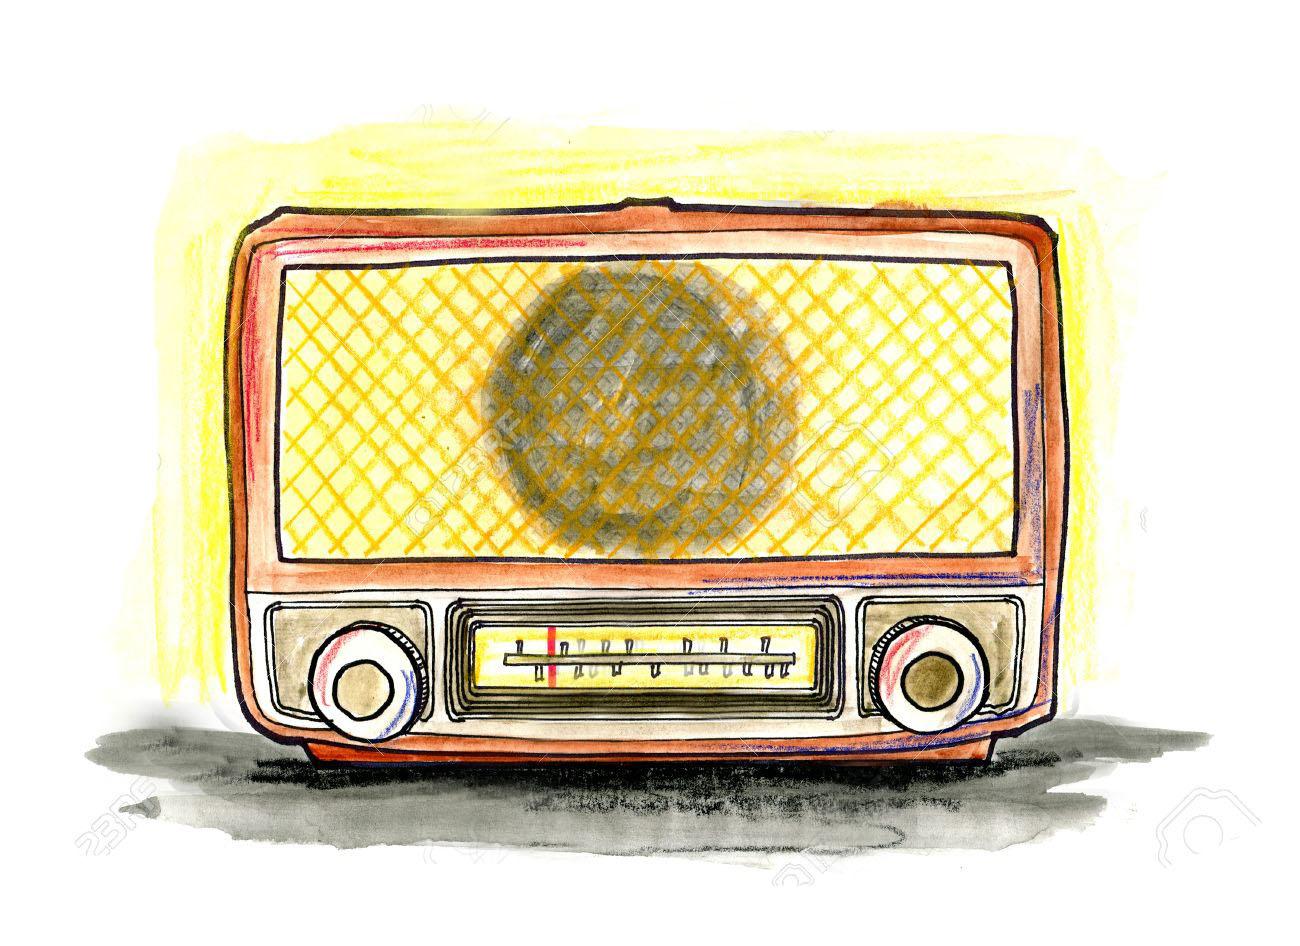 julieta-venegas-radio-vintage-playlist-nuevo-disco